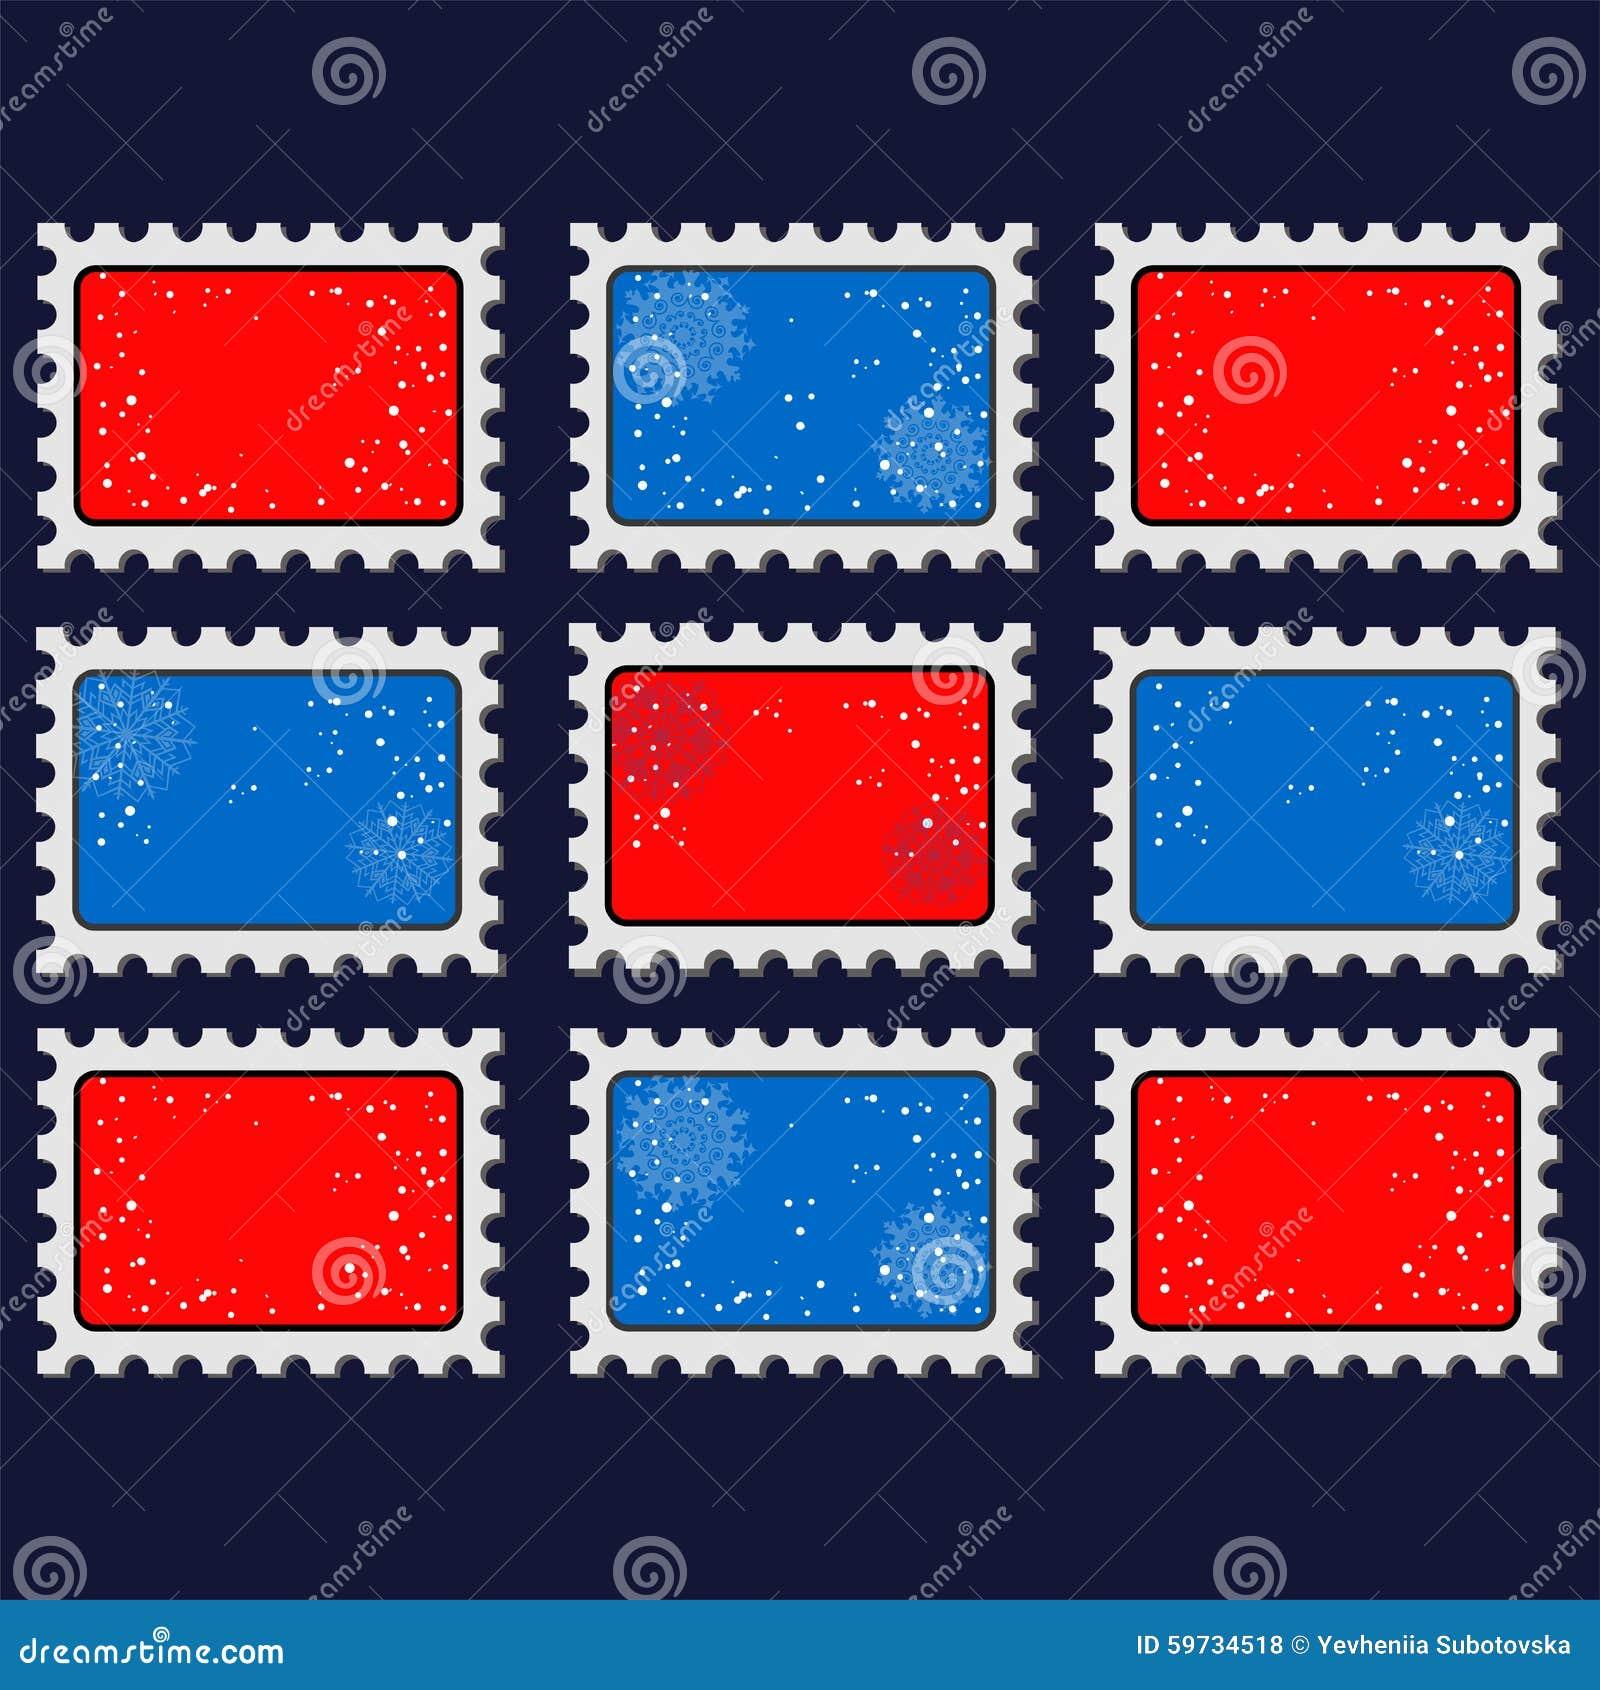 2016 Nowy rok stemplowi szablony Ilustracja znaczka ikon szablony z 2016 znakiem